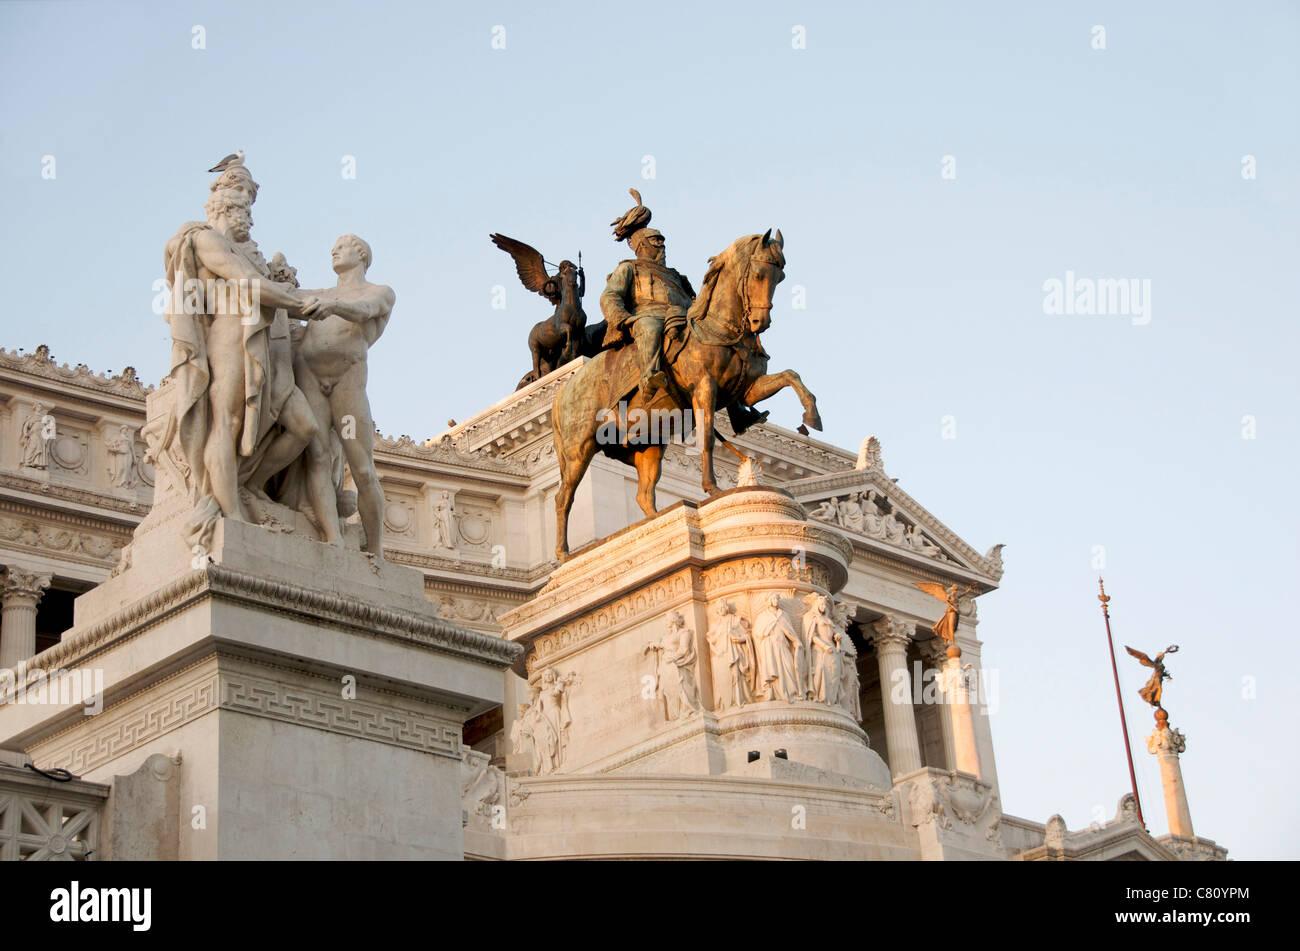 Il Vittoriano, Monument à Victor Emmanuel II, Rome, Italie - au crépuscule Photo Stock